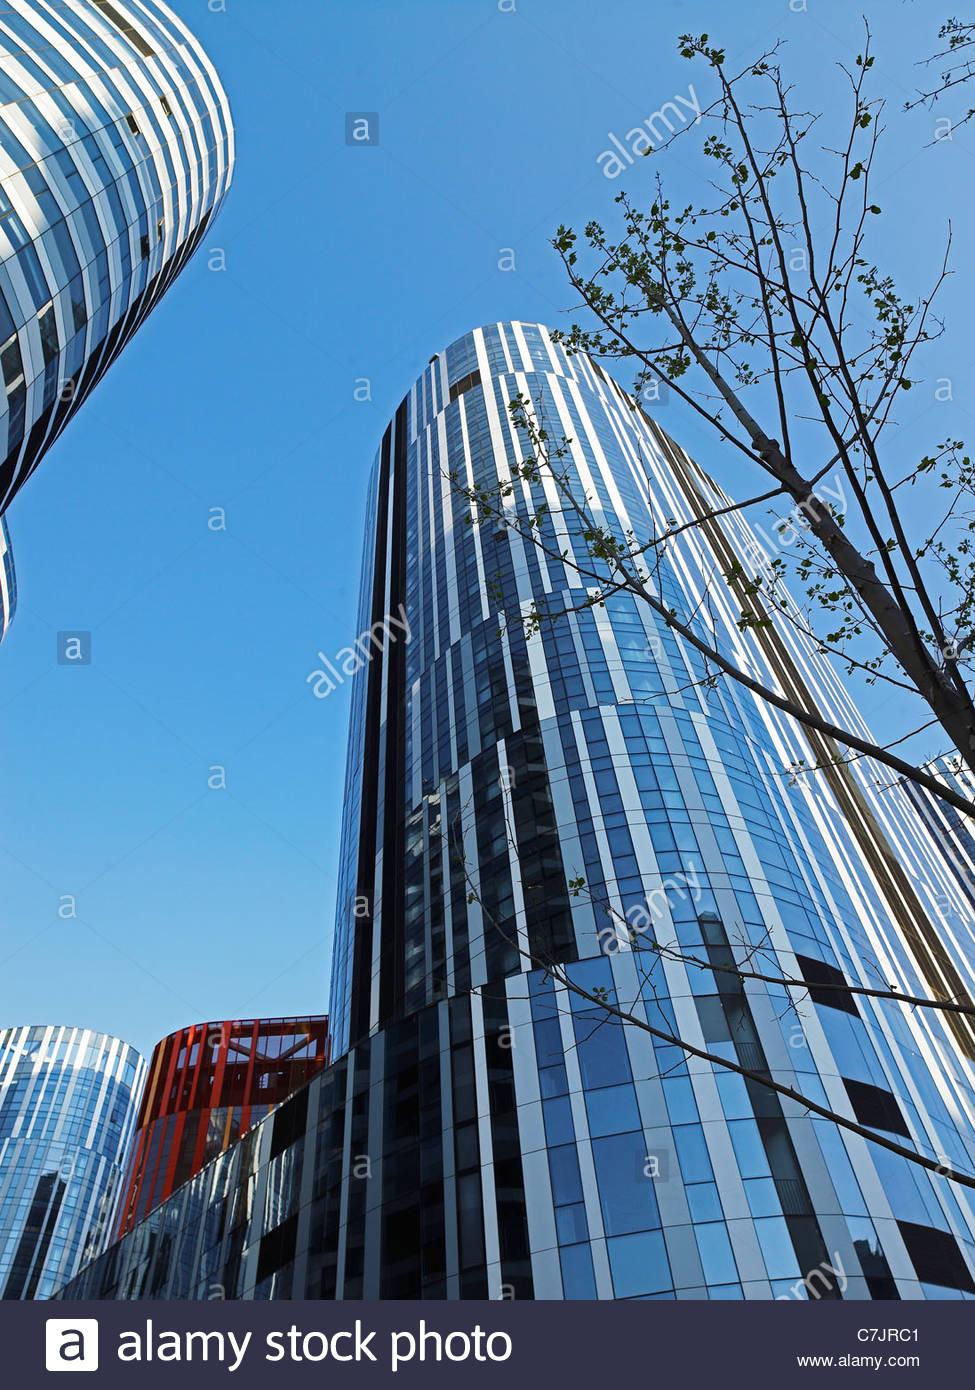 Grattacieli moderni contro il cielo blu Immagini Stock